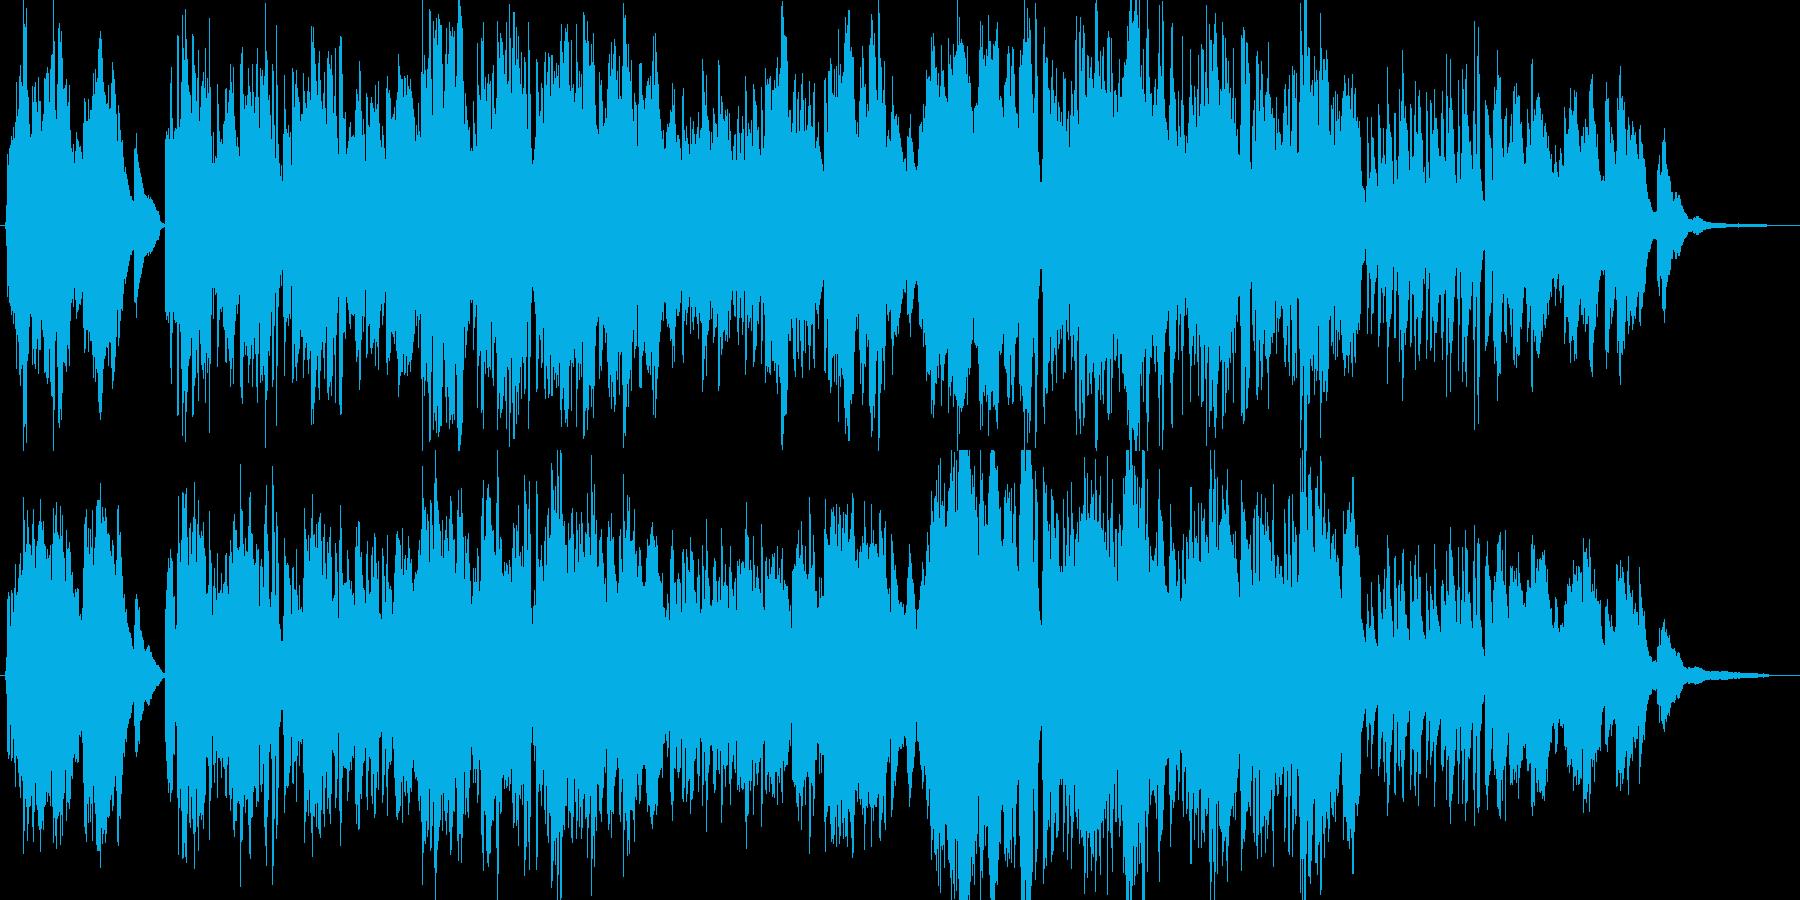 オシャレで上品な和風・クラシック室内楽曲の再生済みの波形